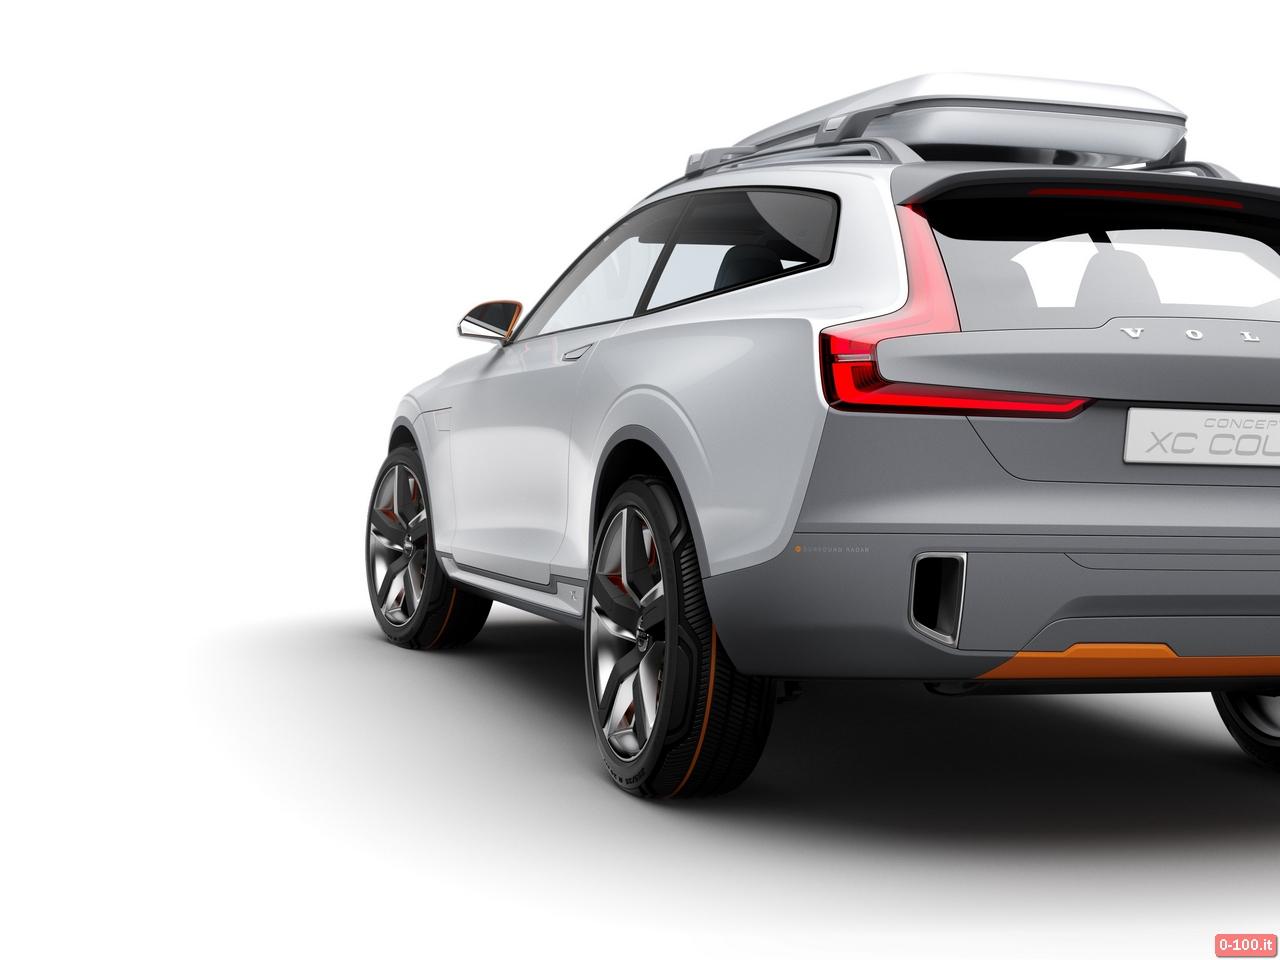 volvo-concept-xc-coupe-xc90_0-100_21